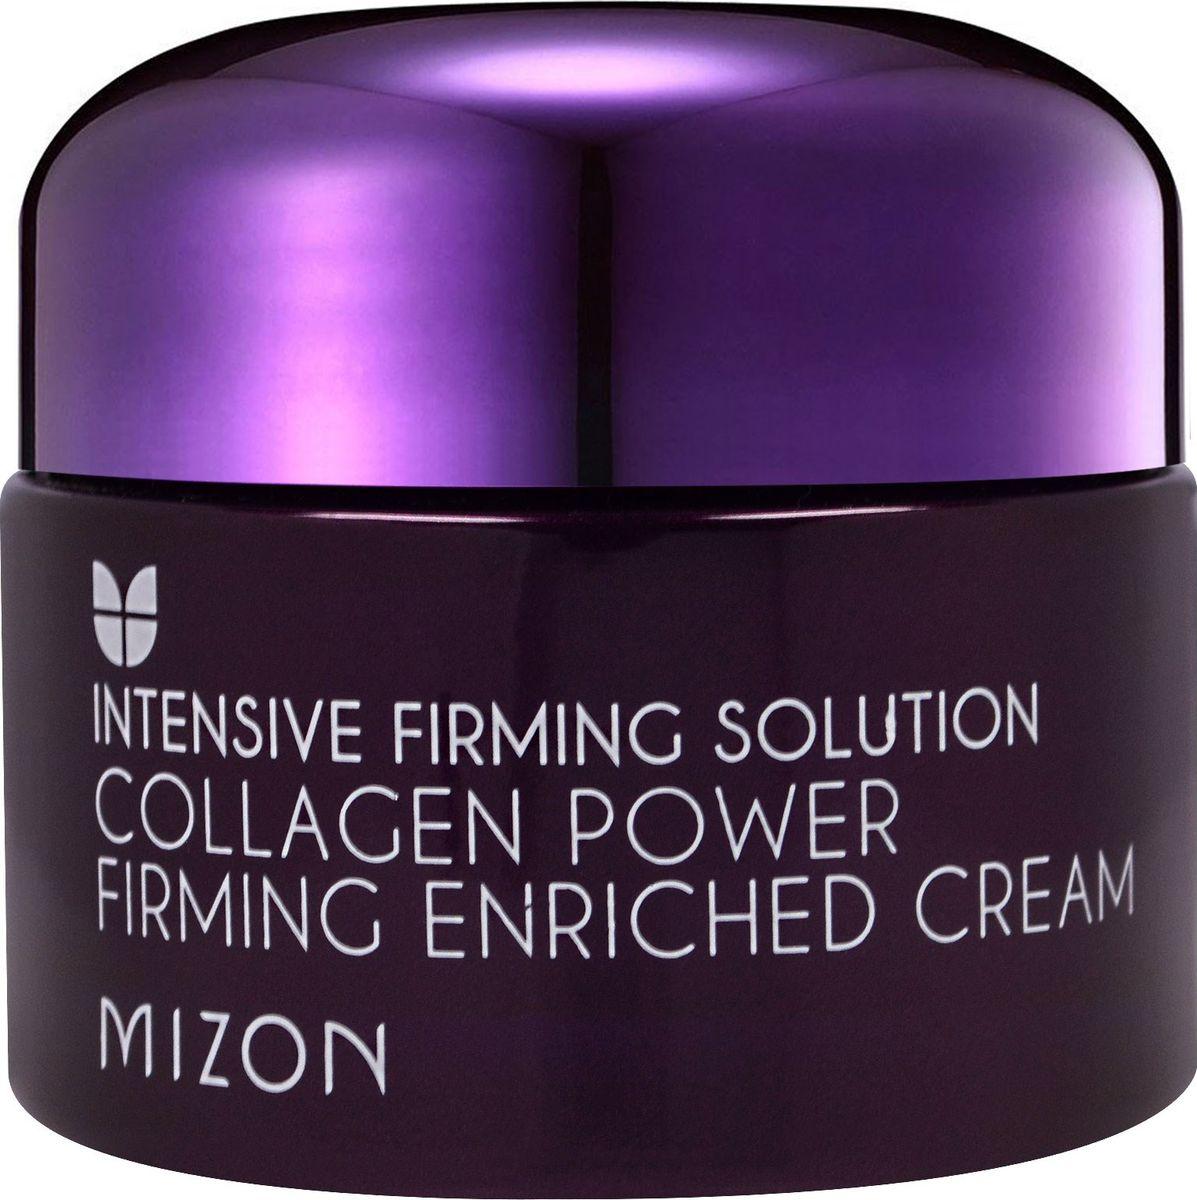 Mizon Укрепляющий коллагеновый крем для лица Collagen Power Firming Enriched Cream цена